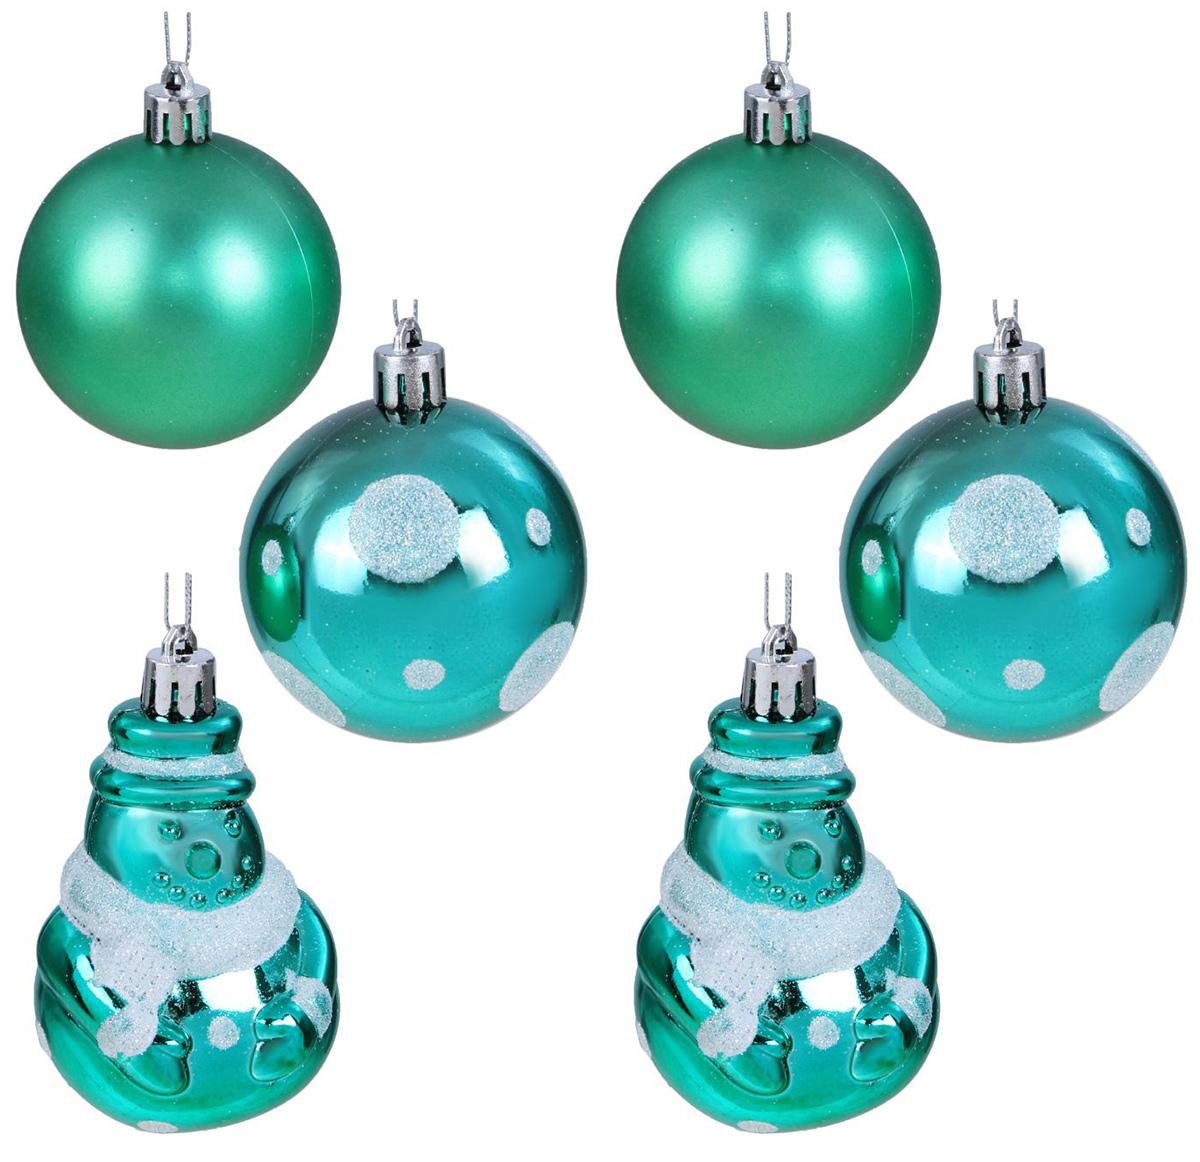 Набор новогодних подвесных украшений Sima-land Изумрудик. Снеговик, диаметр 6 см, 6 шт свеча ароматизированная sima land лимон на подставке высота 6 см